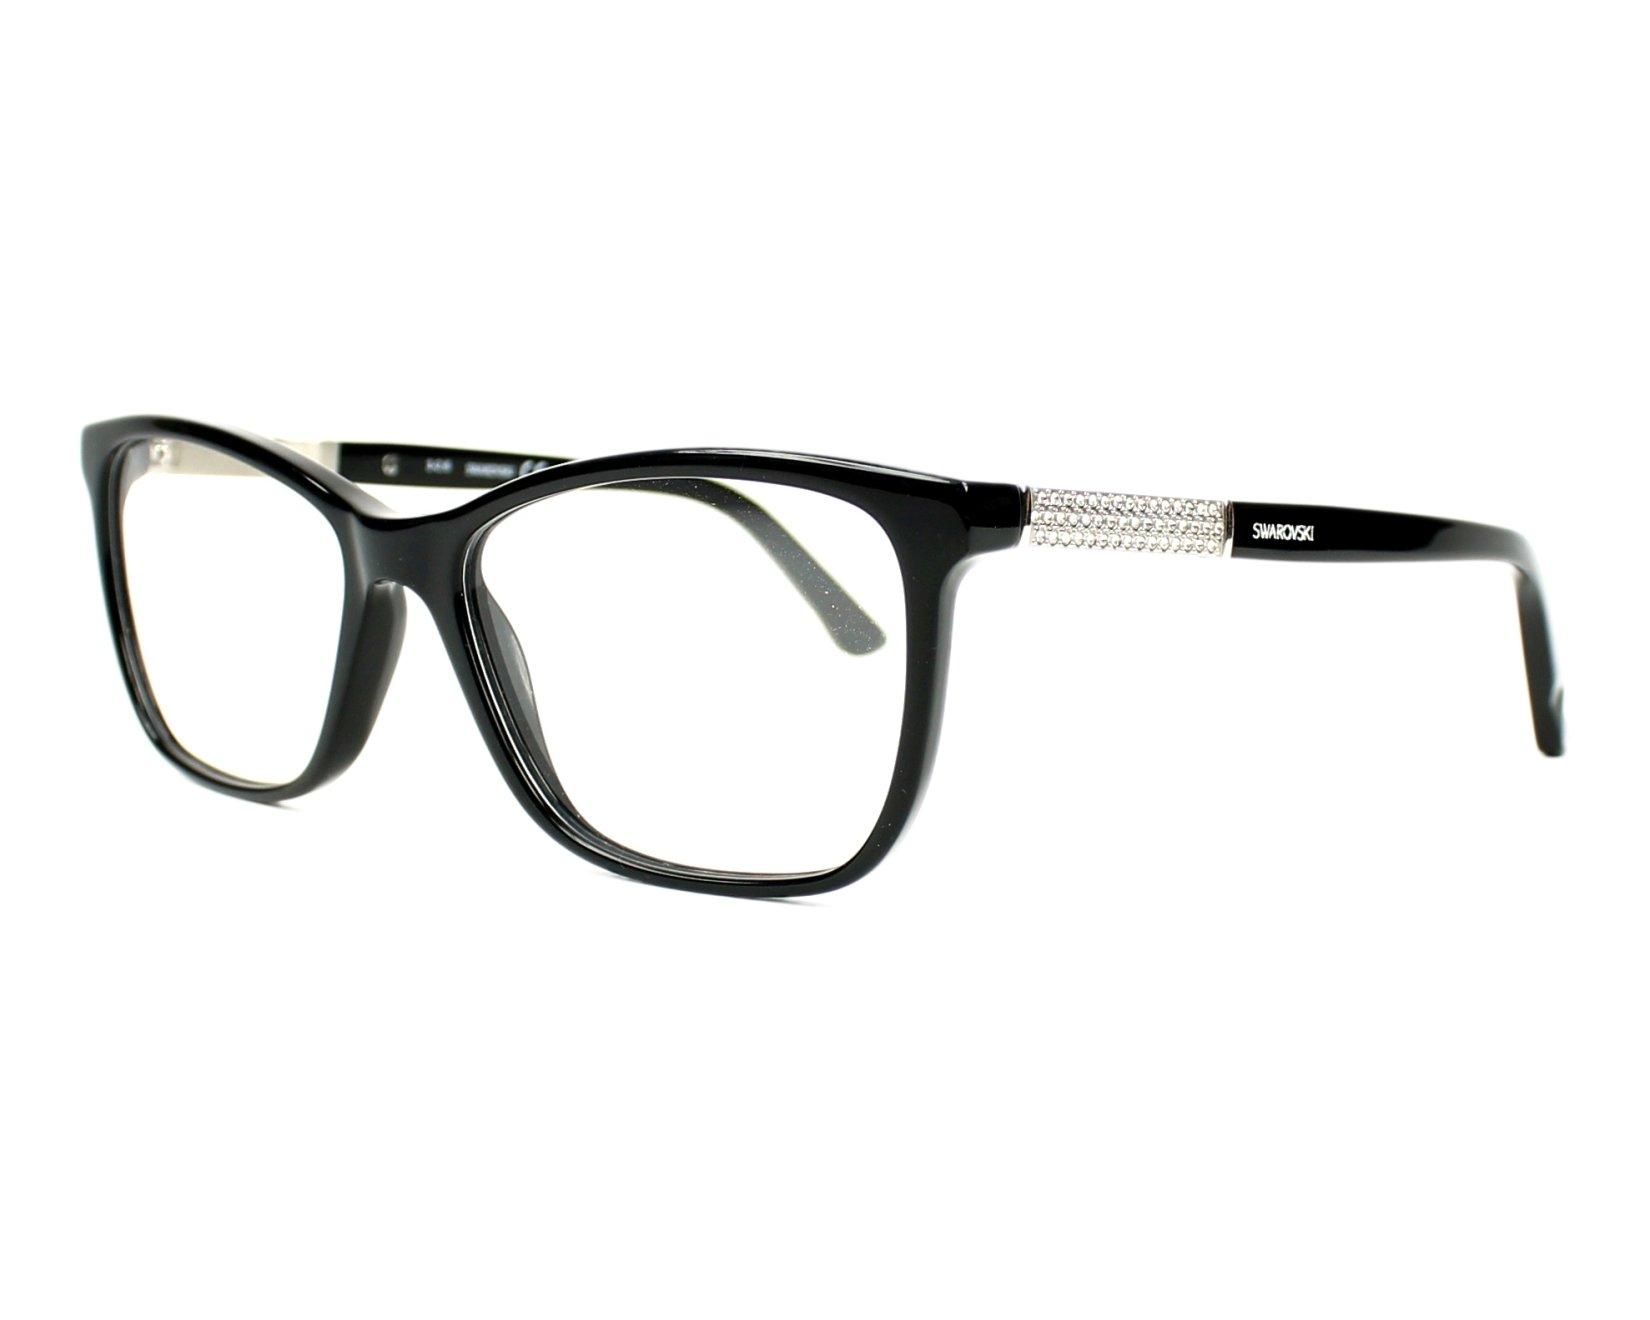 Swarovski - Buy Swarovski eyeglasses online at low prices 6096a3d08dd8